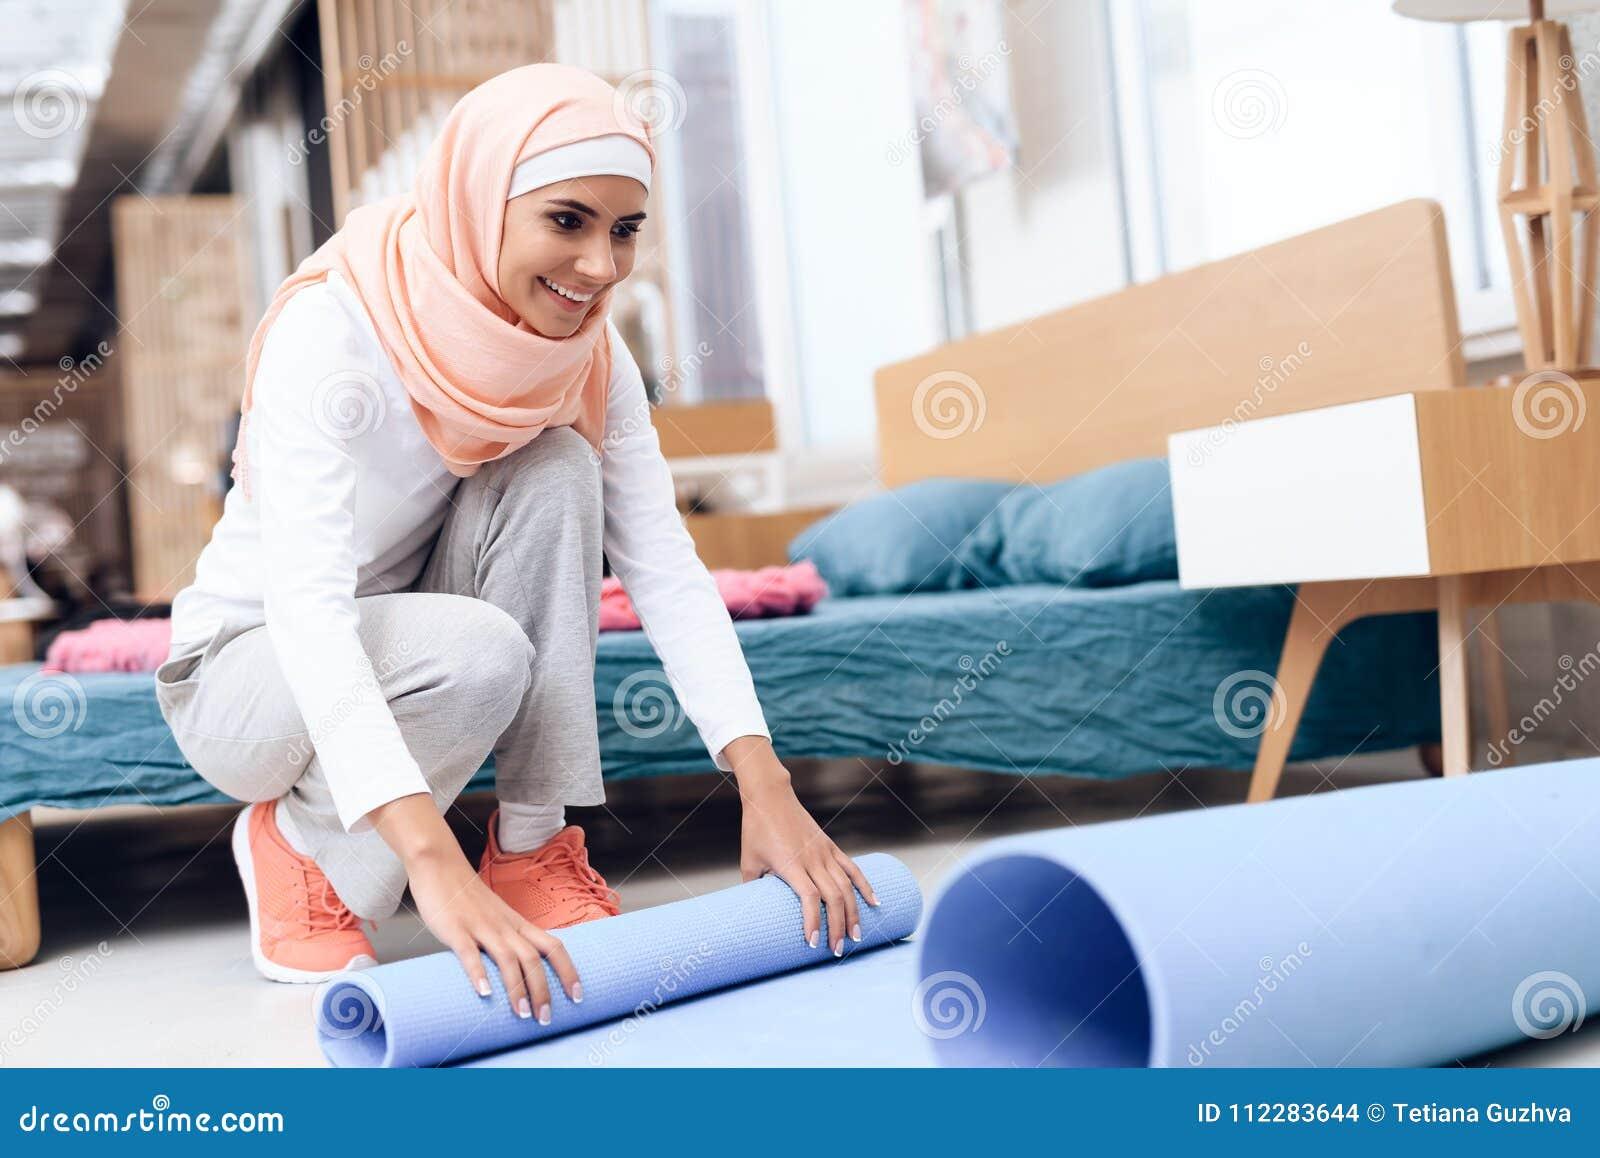 Donna araba che prepara una stuoia per fare ginnastica nella camera da letto